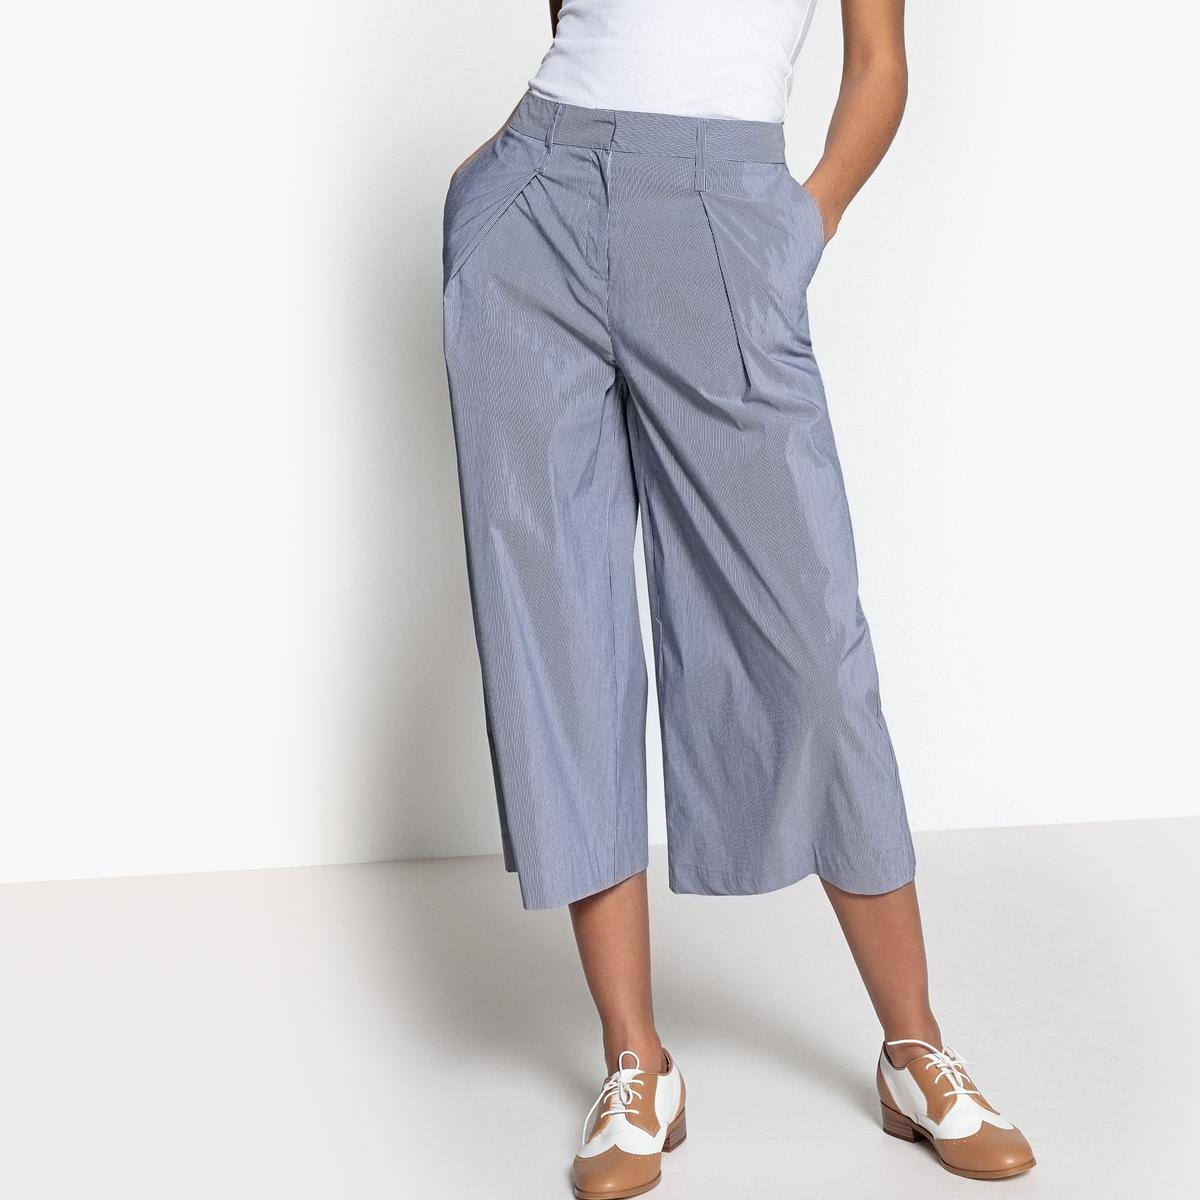 Falda pantalón ancha con rayas finas